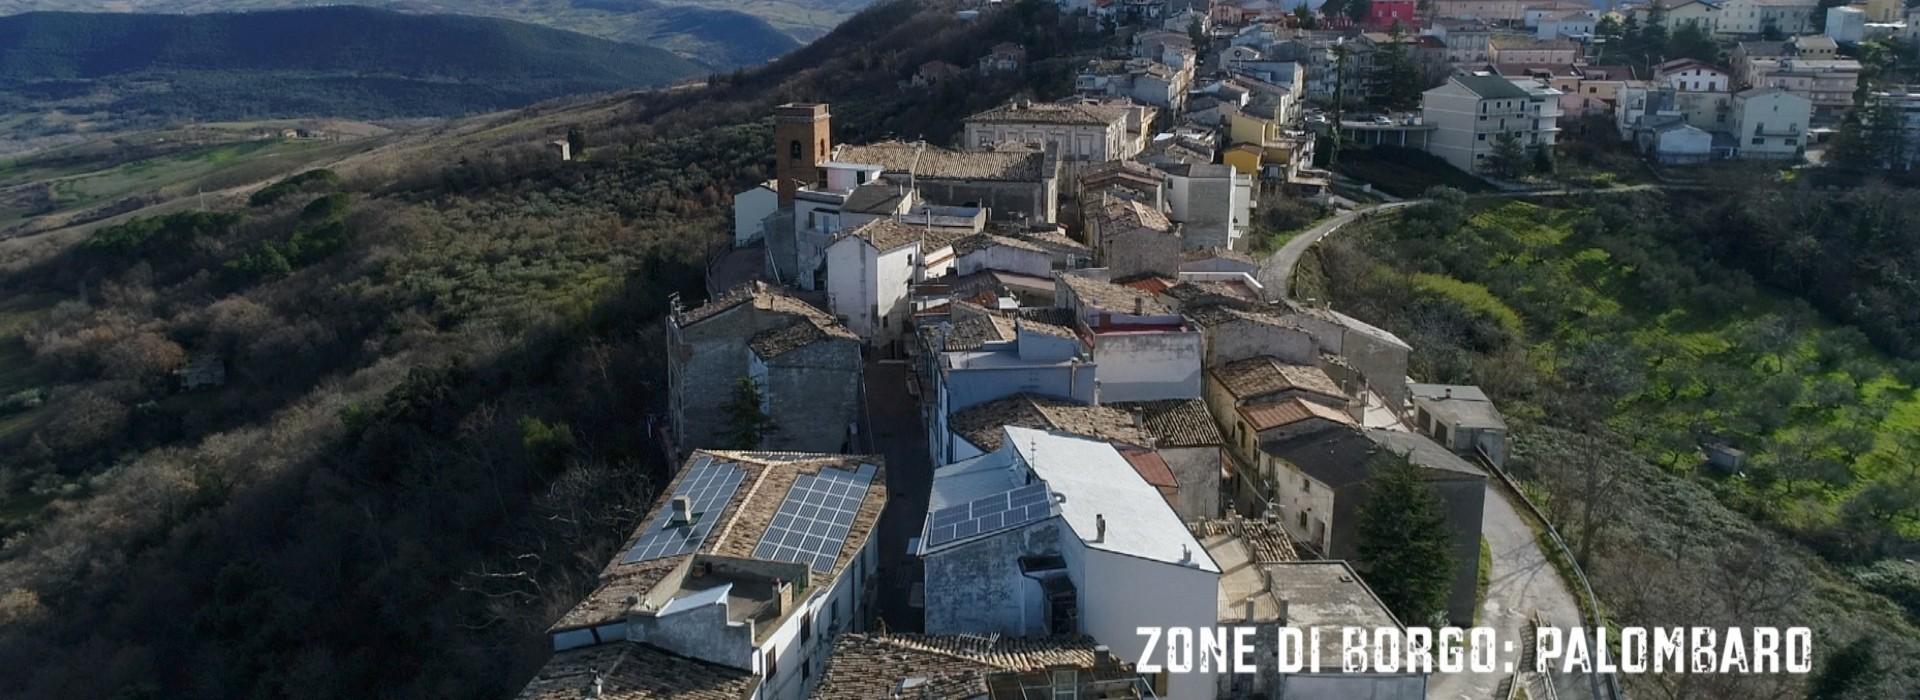 Promo Palombaro - zone di borgo